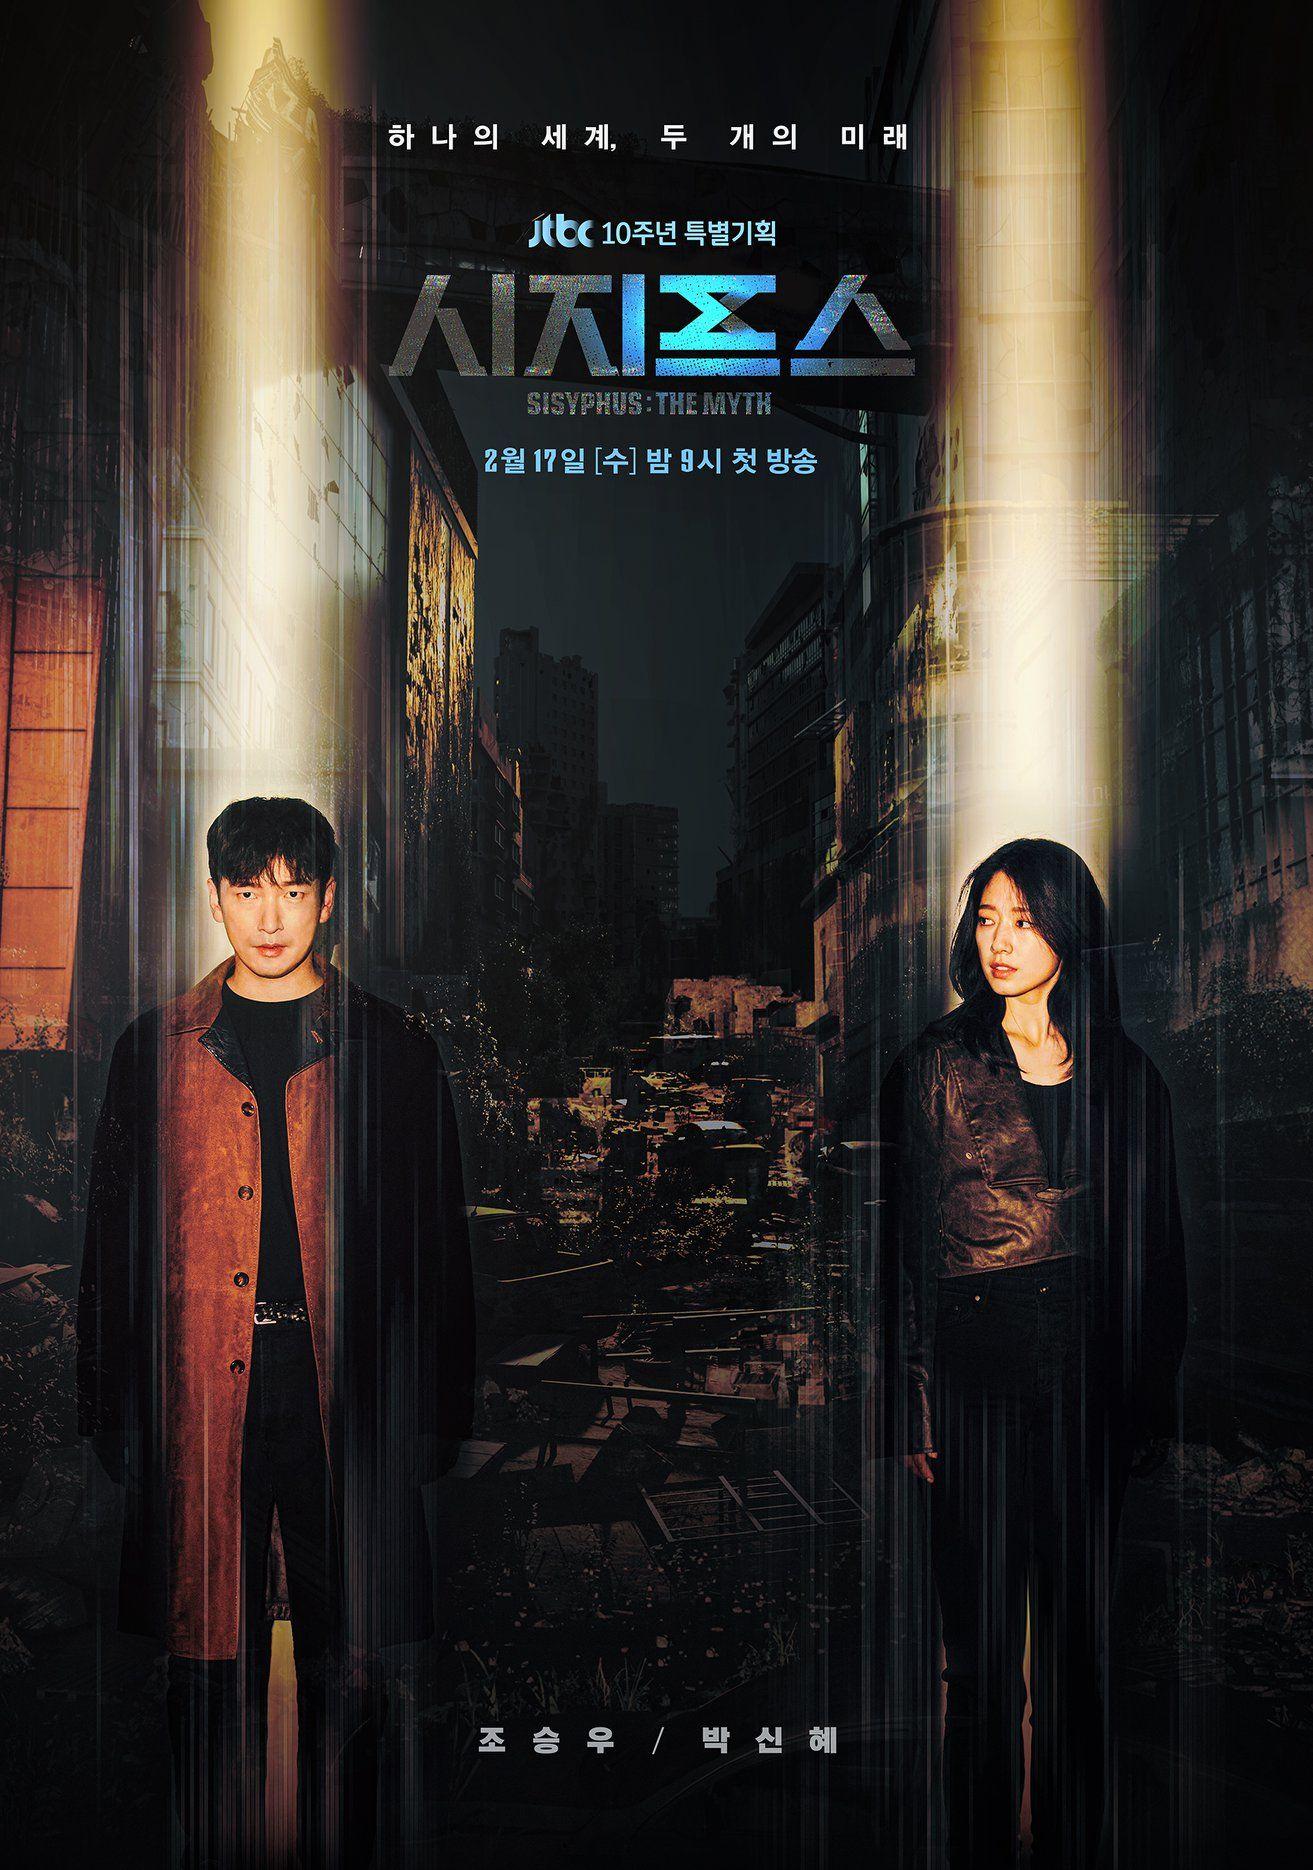 Drama Korea Terbaru 2021 yang Paling Banyak Dibicarakan Netizen